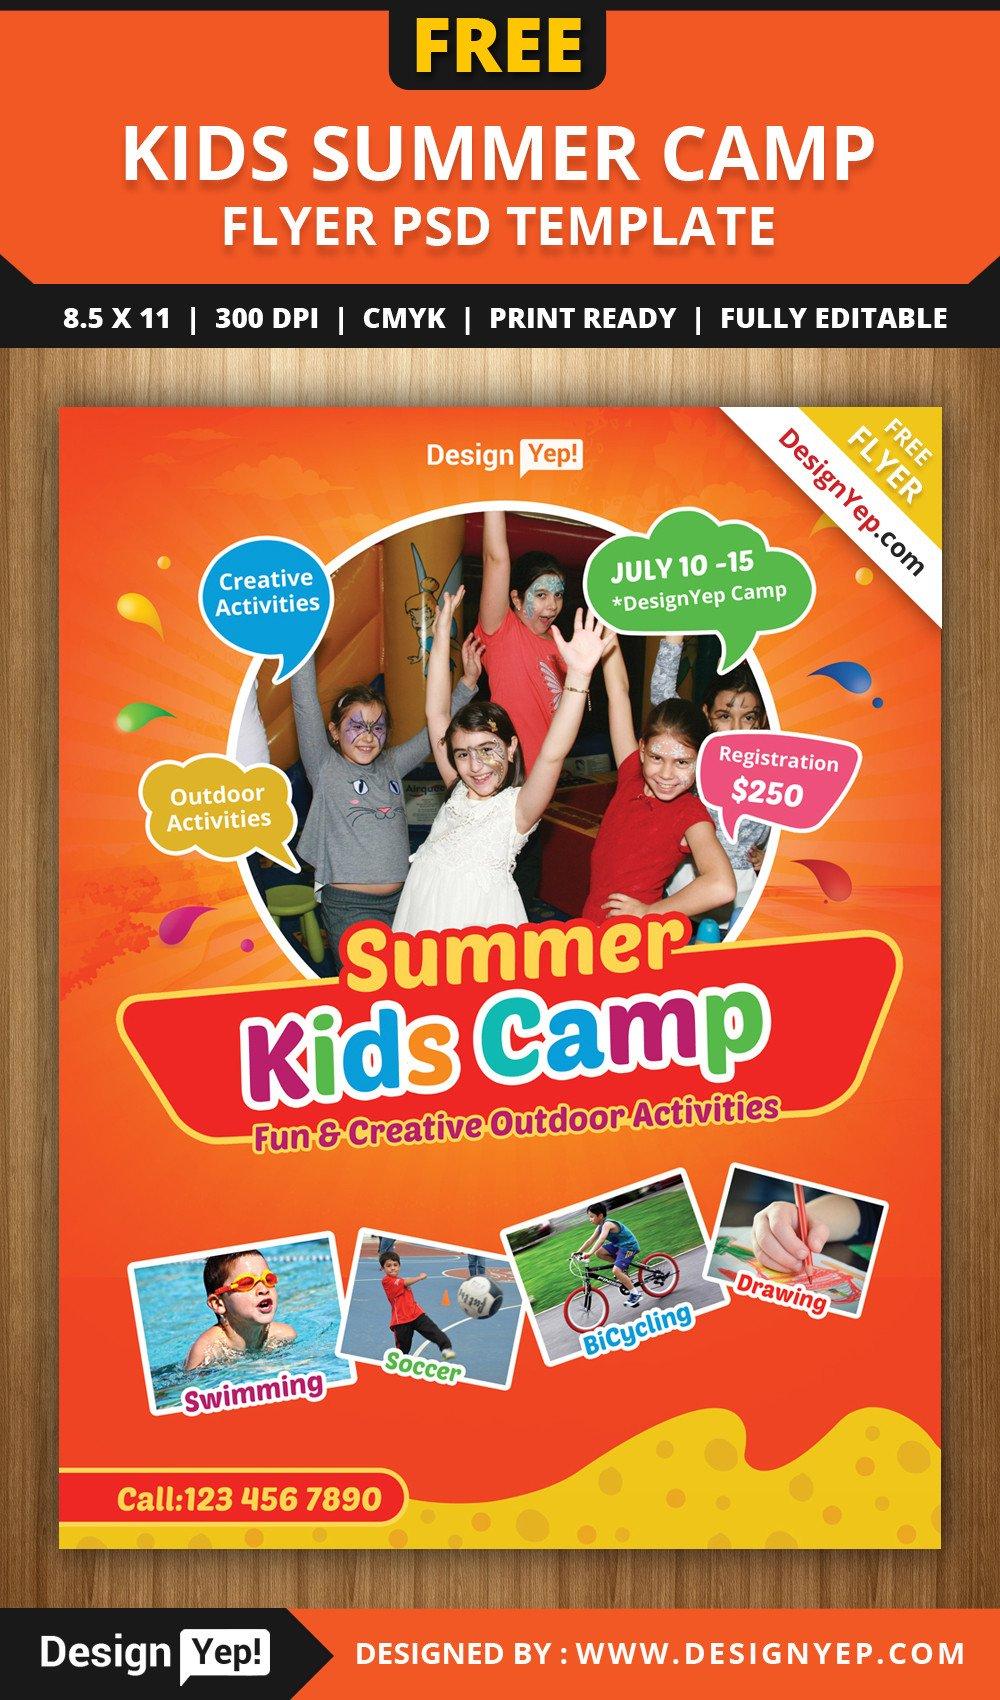 Summer Camp Flyer Template Free Kids Summer Camp Flyer Psd Template On Behance